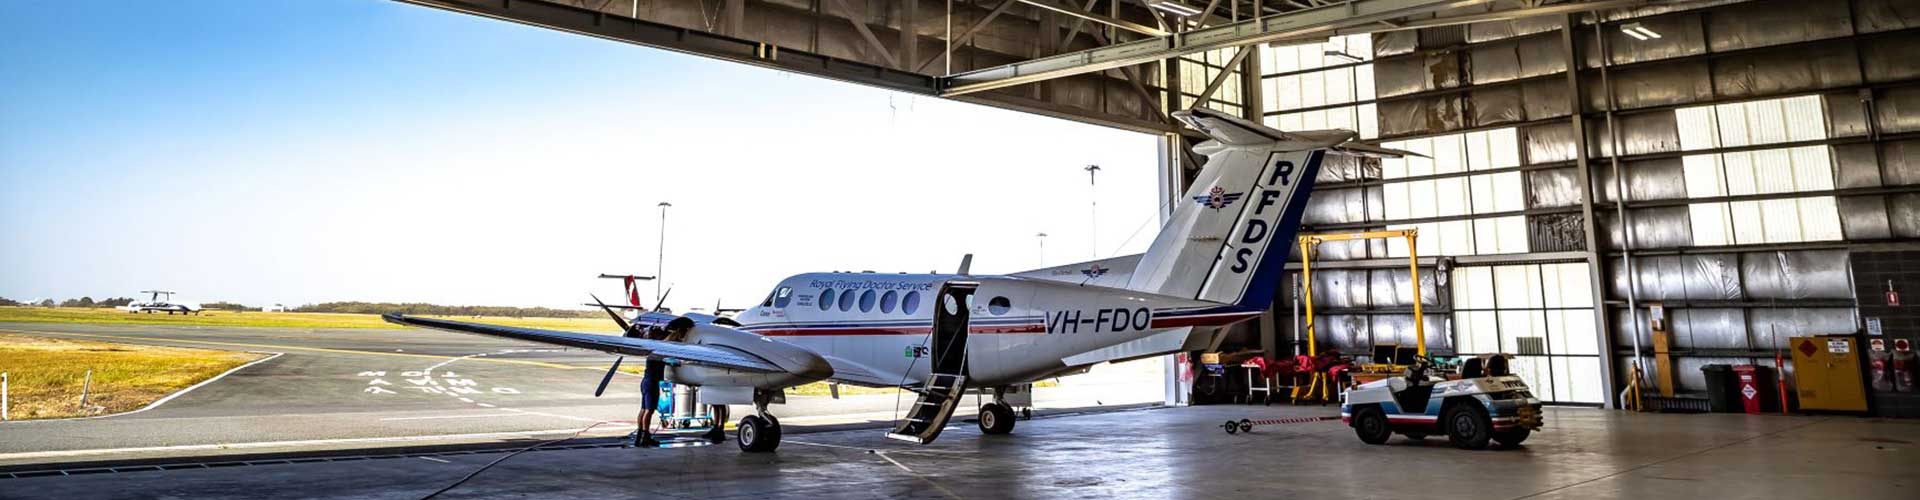 Destratification Fan System RFDS Hangar